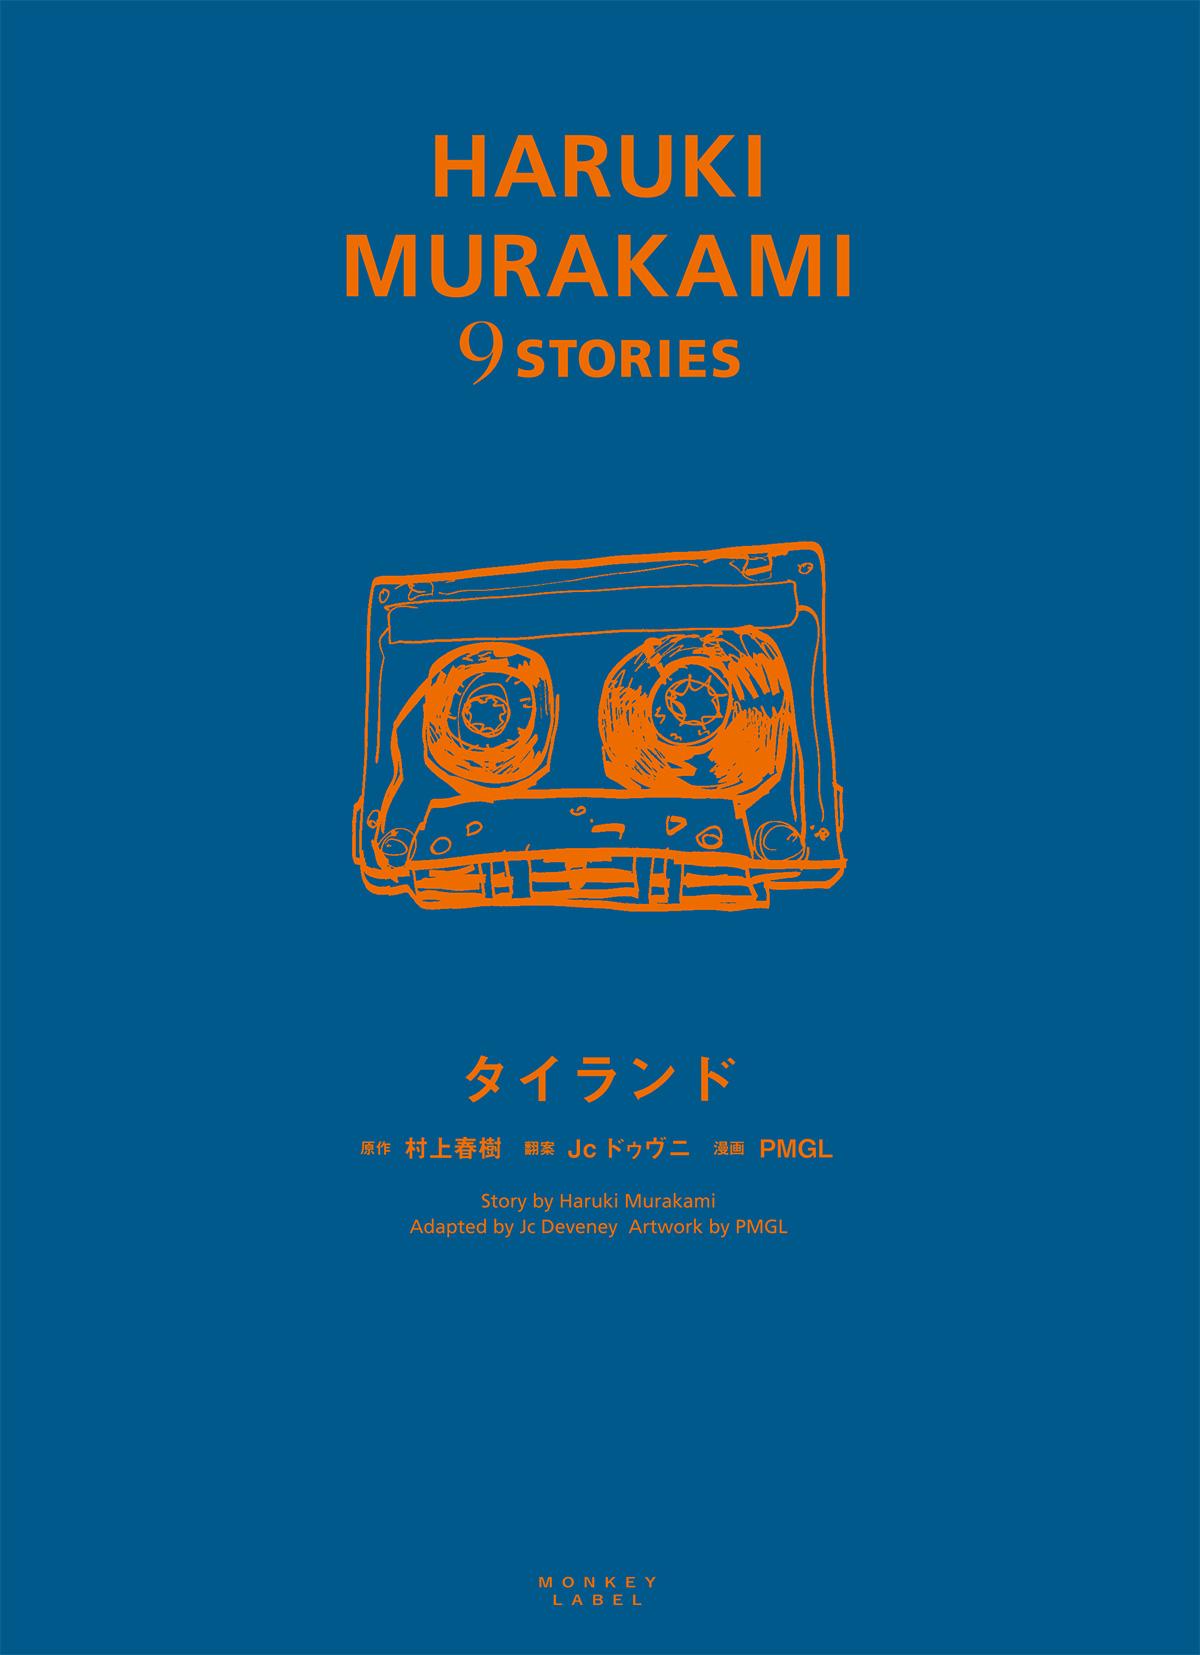 HARUKI MURAKAMI 9 STORIES 第9巻『タイランド』表紙